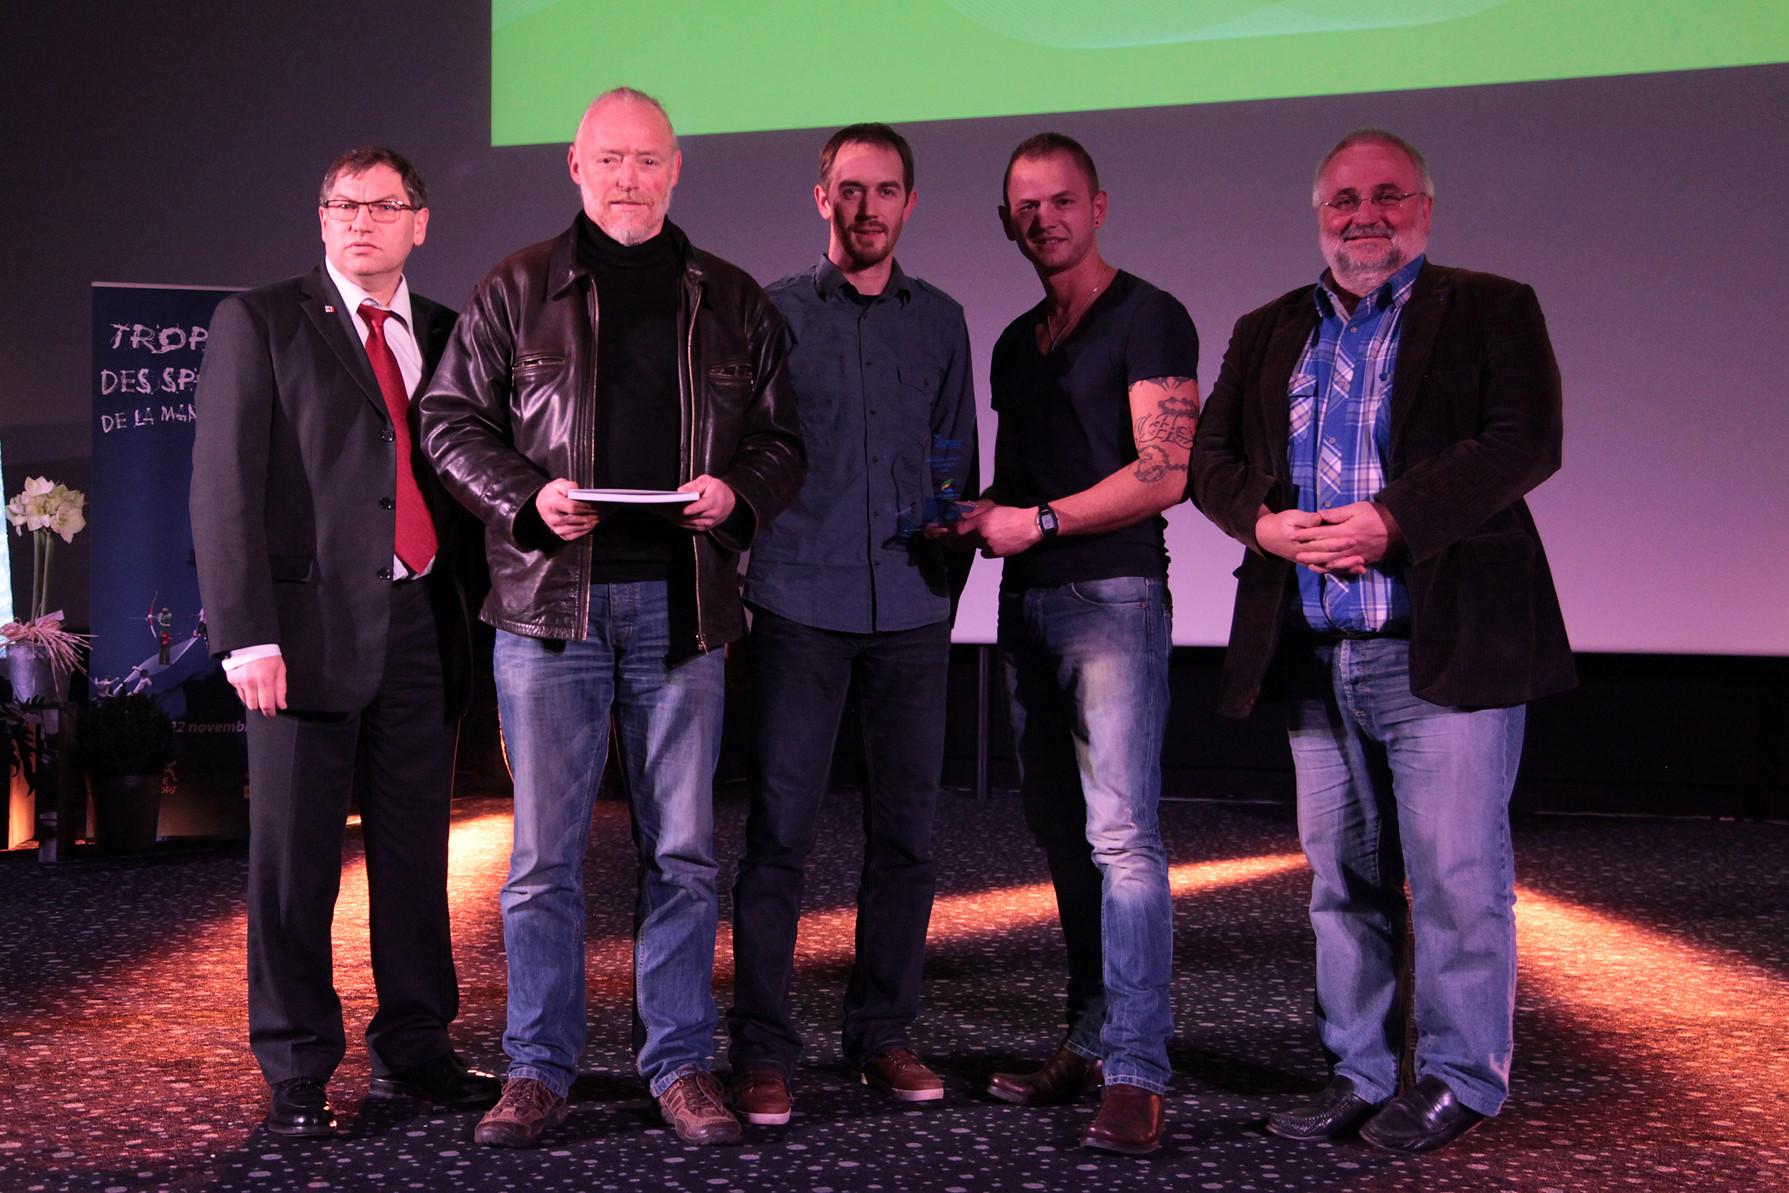 P. Bouillet (Pdt du CDK50), R. Le Moal (Pdt du GK), M. Le Moal (Entraineur), A. Billard (sportif lauréat) et J-M. Julienne (CG)